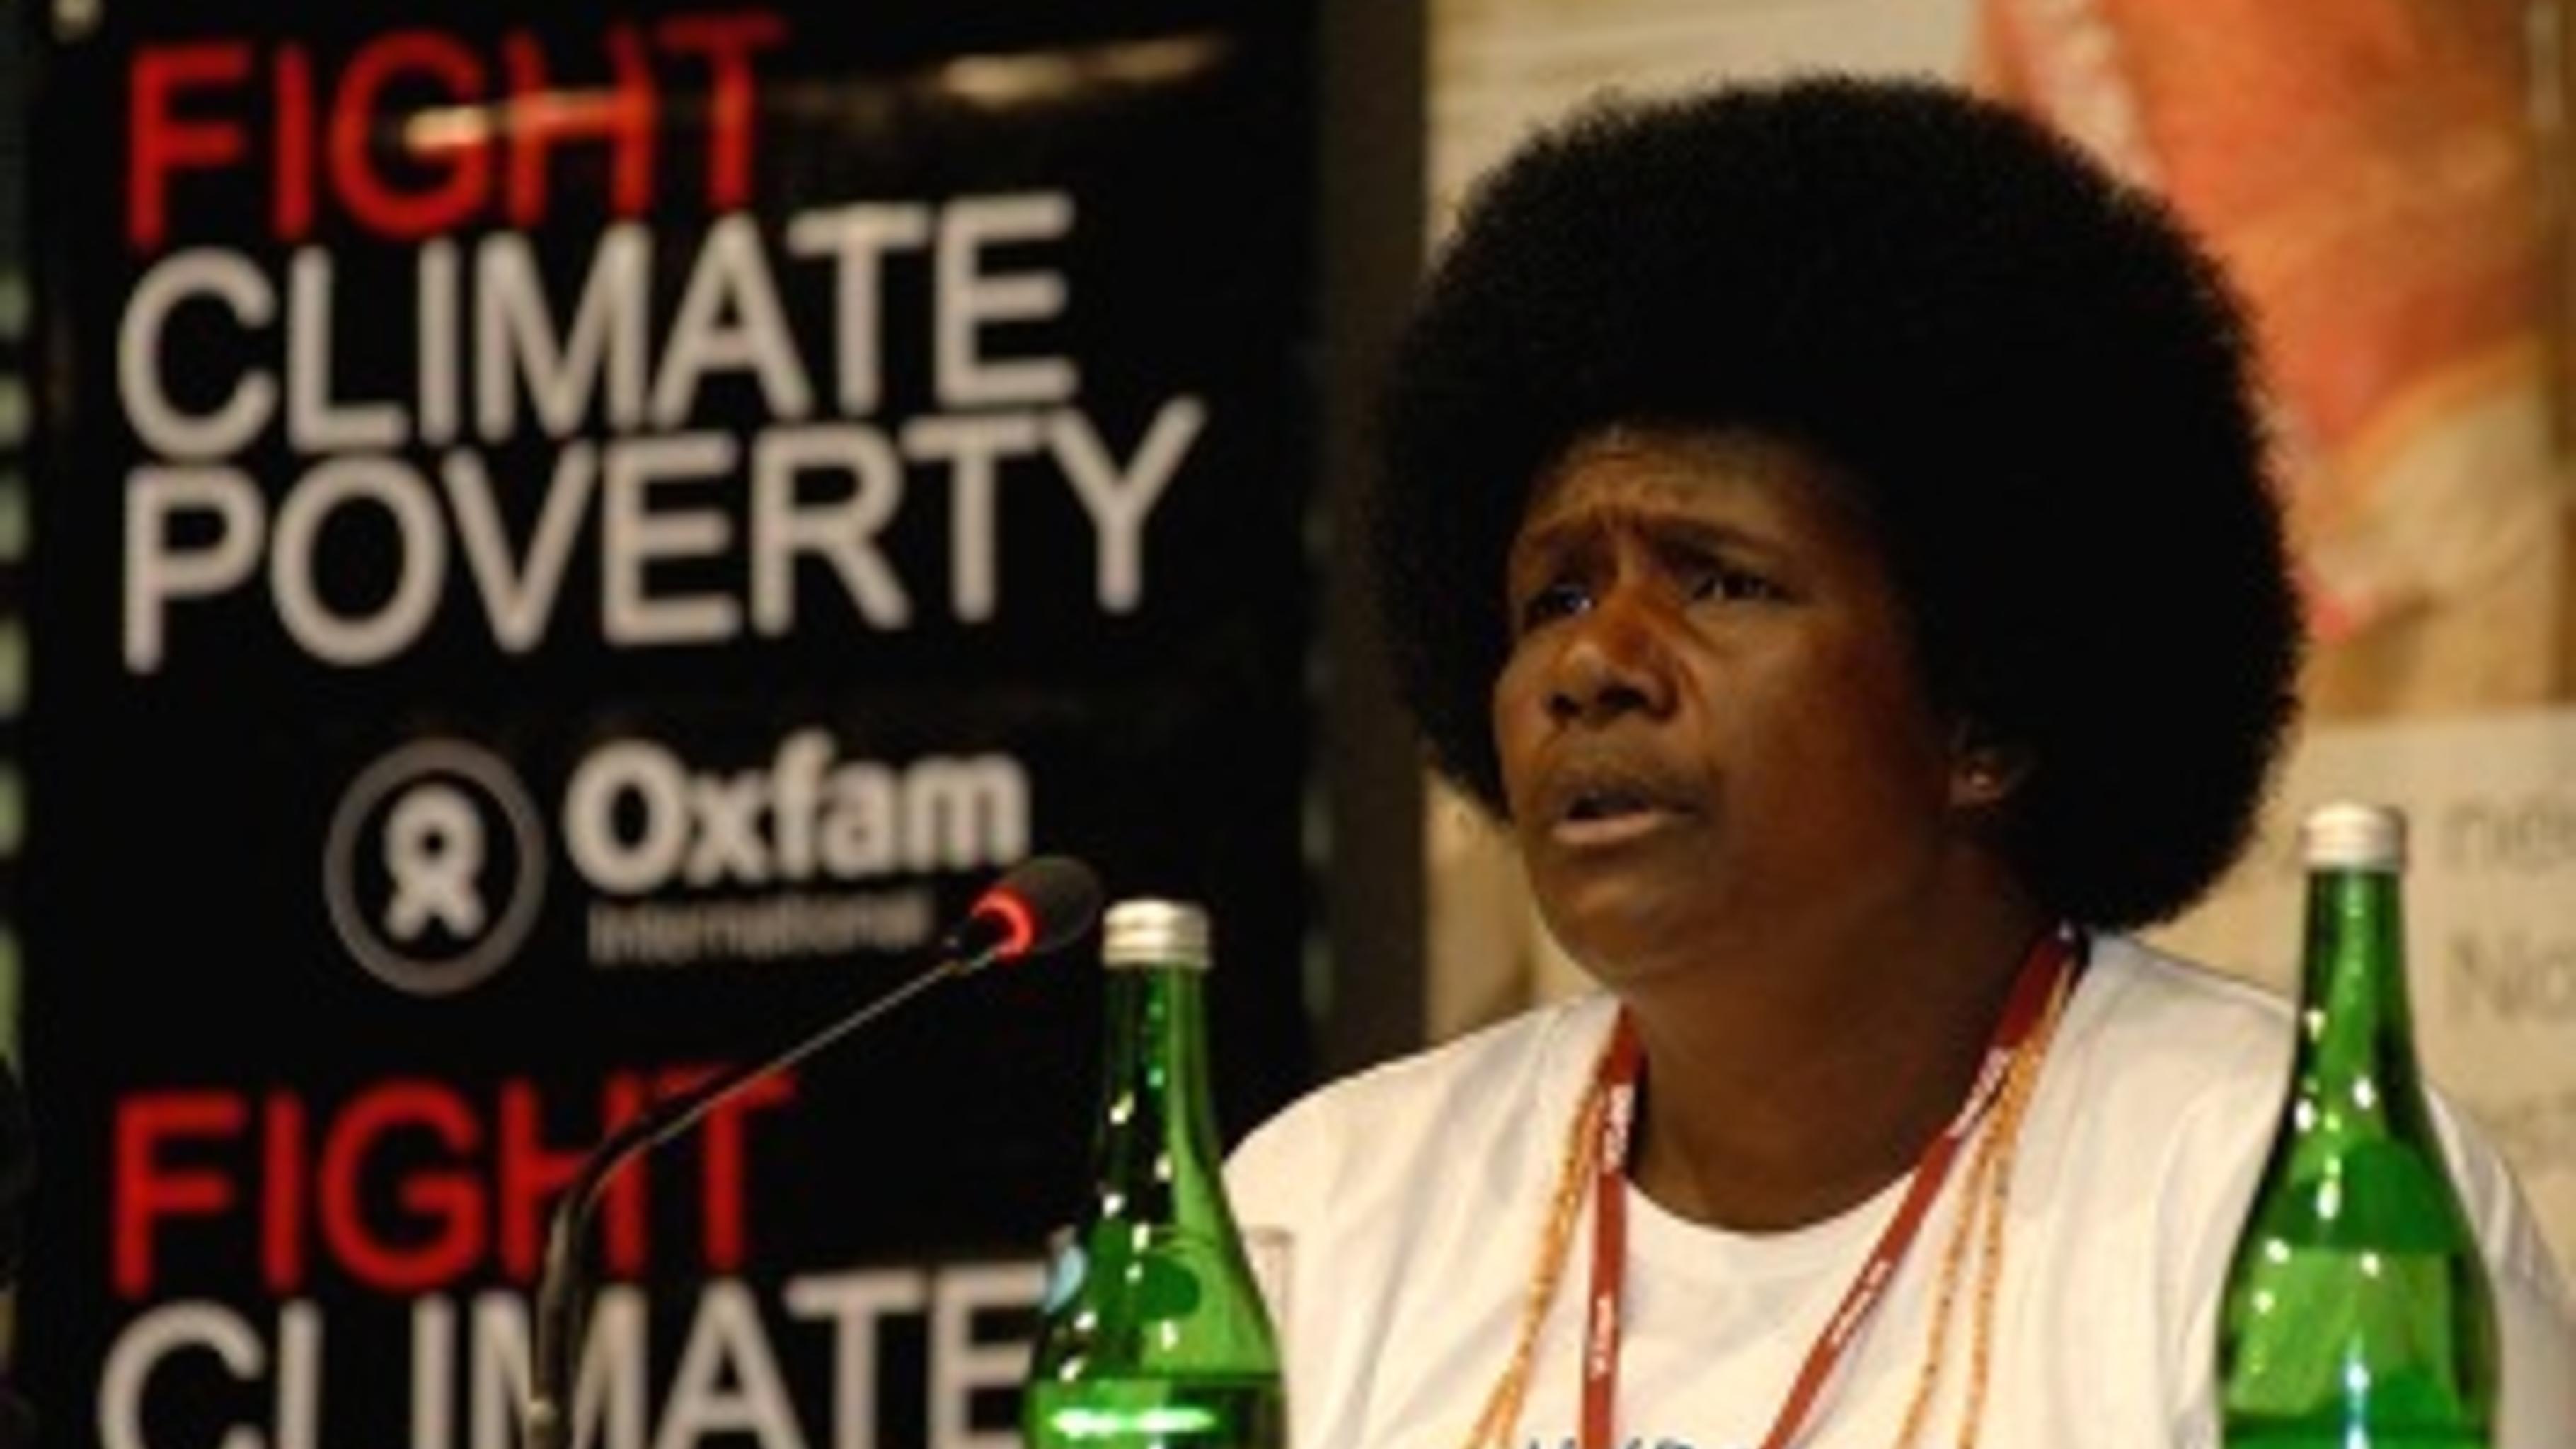 Ursula Rakova auf der UN-Klimakonferenz in Bali. © Ng Swan Ti/Oxfam.